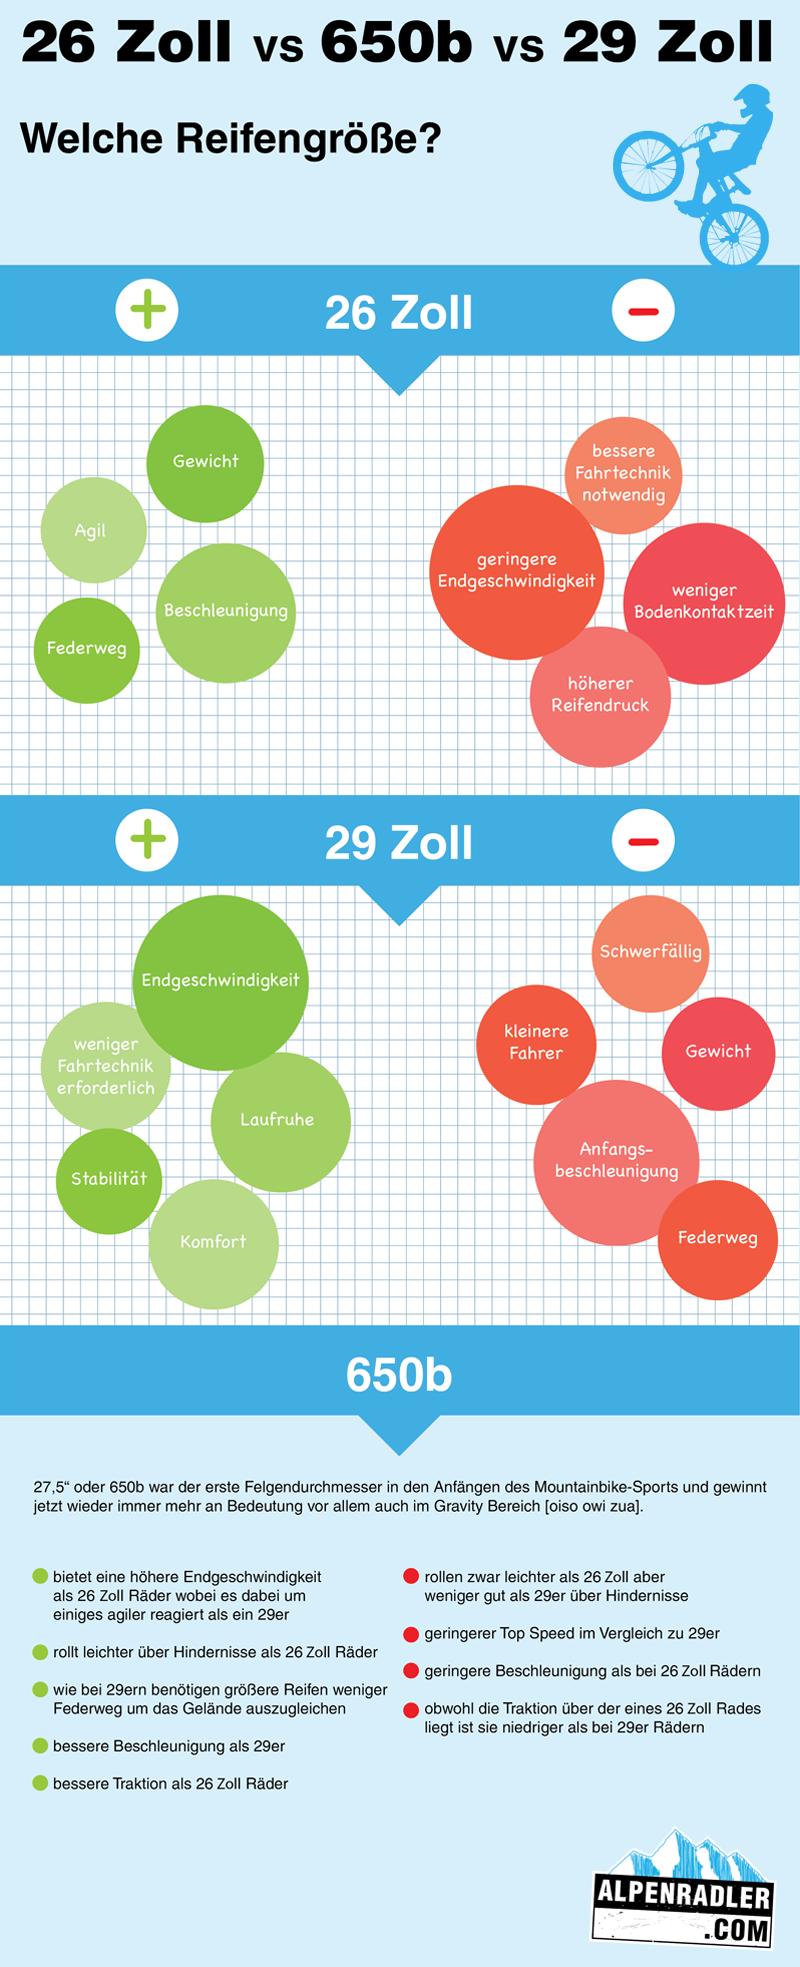 Infografik 26 Zoll vs 650b vs 29 Zoll